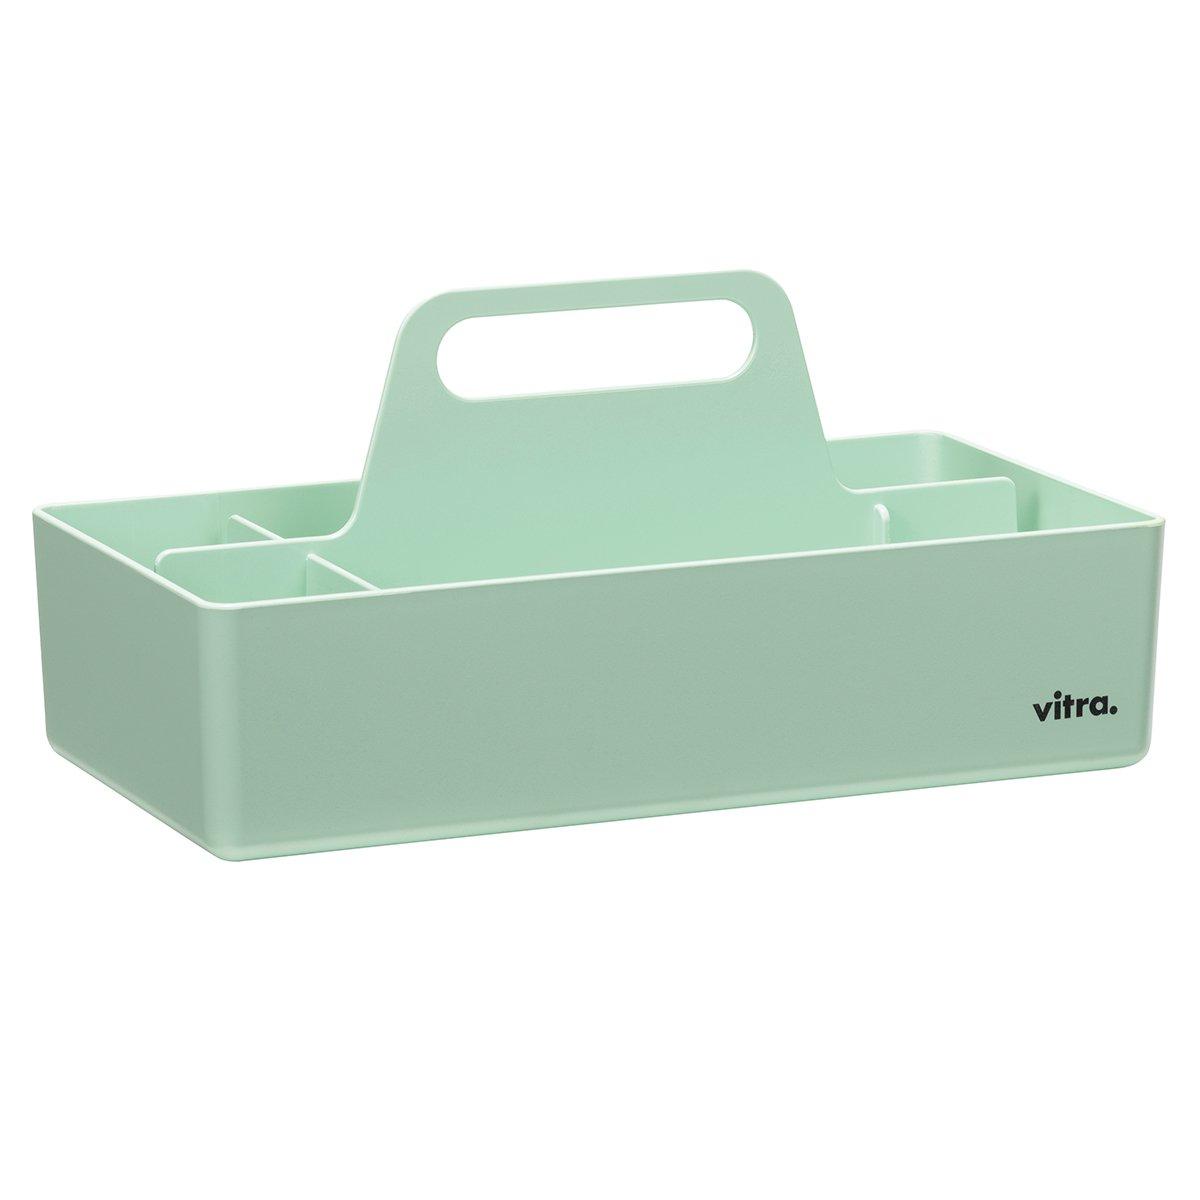 Vitra Storage Toolbox Opbergbak - Mintgroen